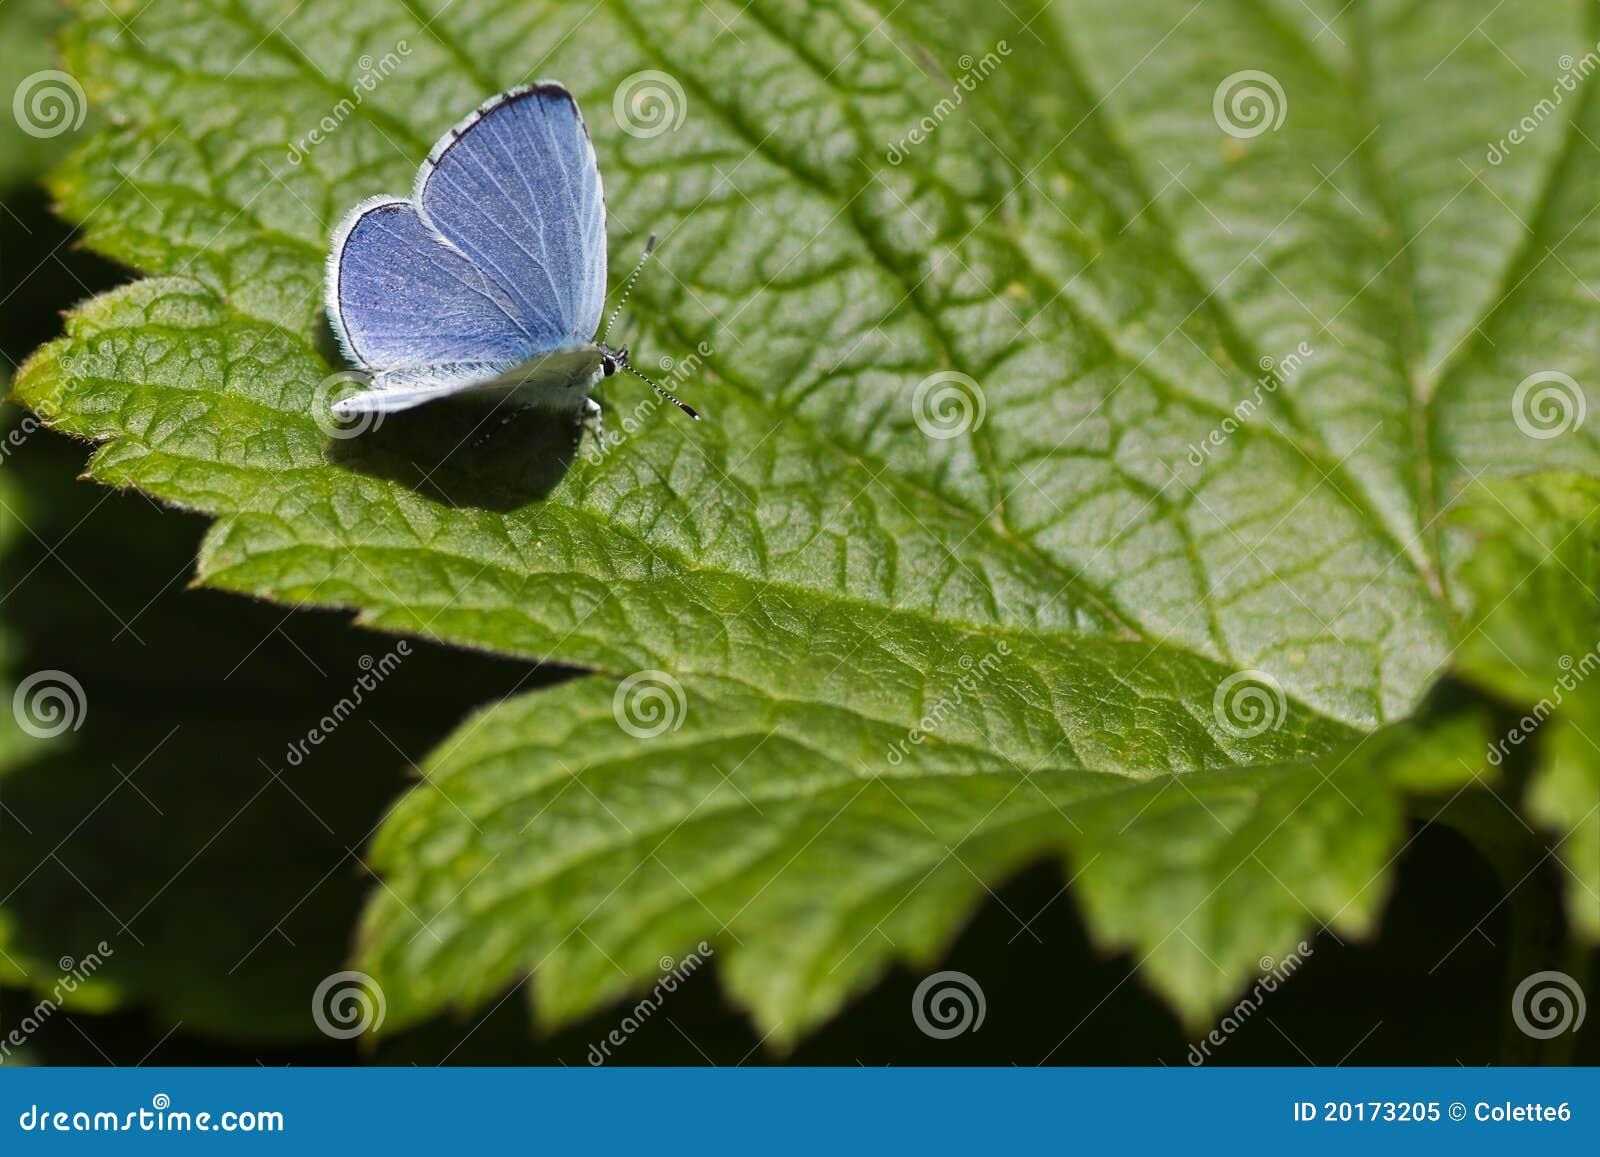 Mariposa azul del acebo en la hoja verde